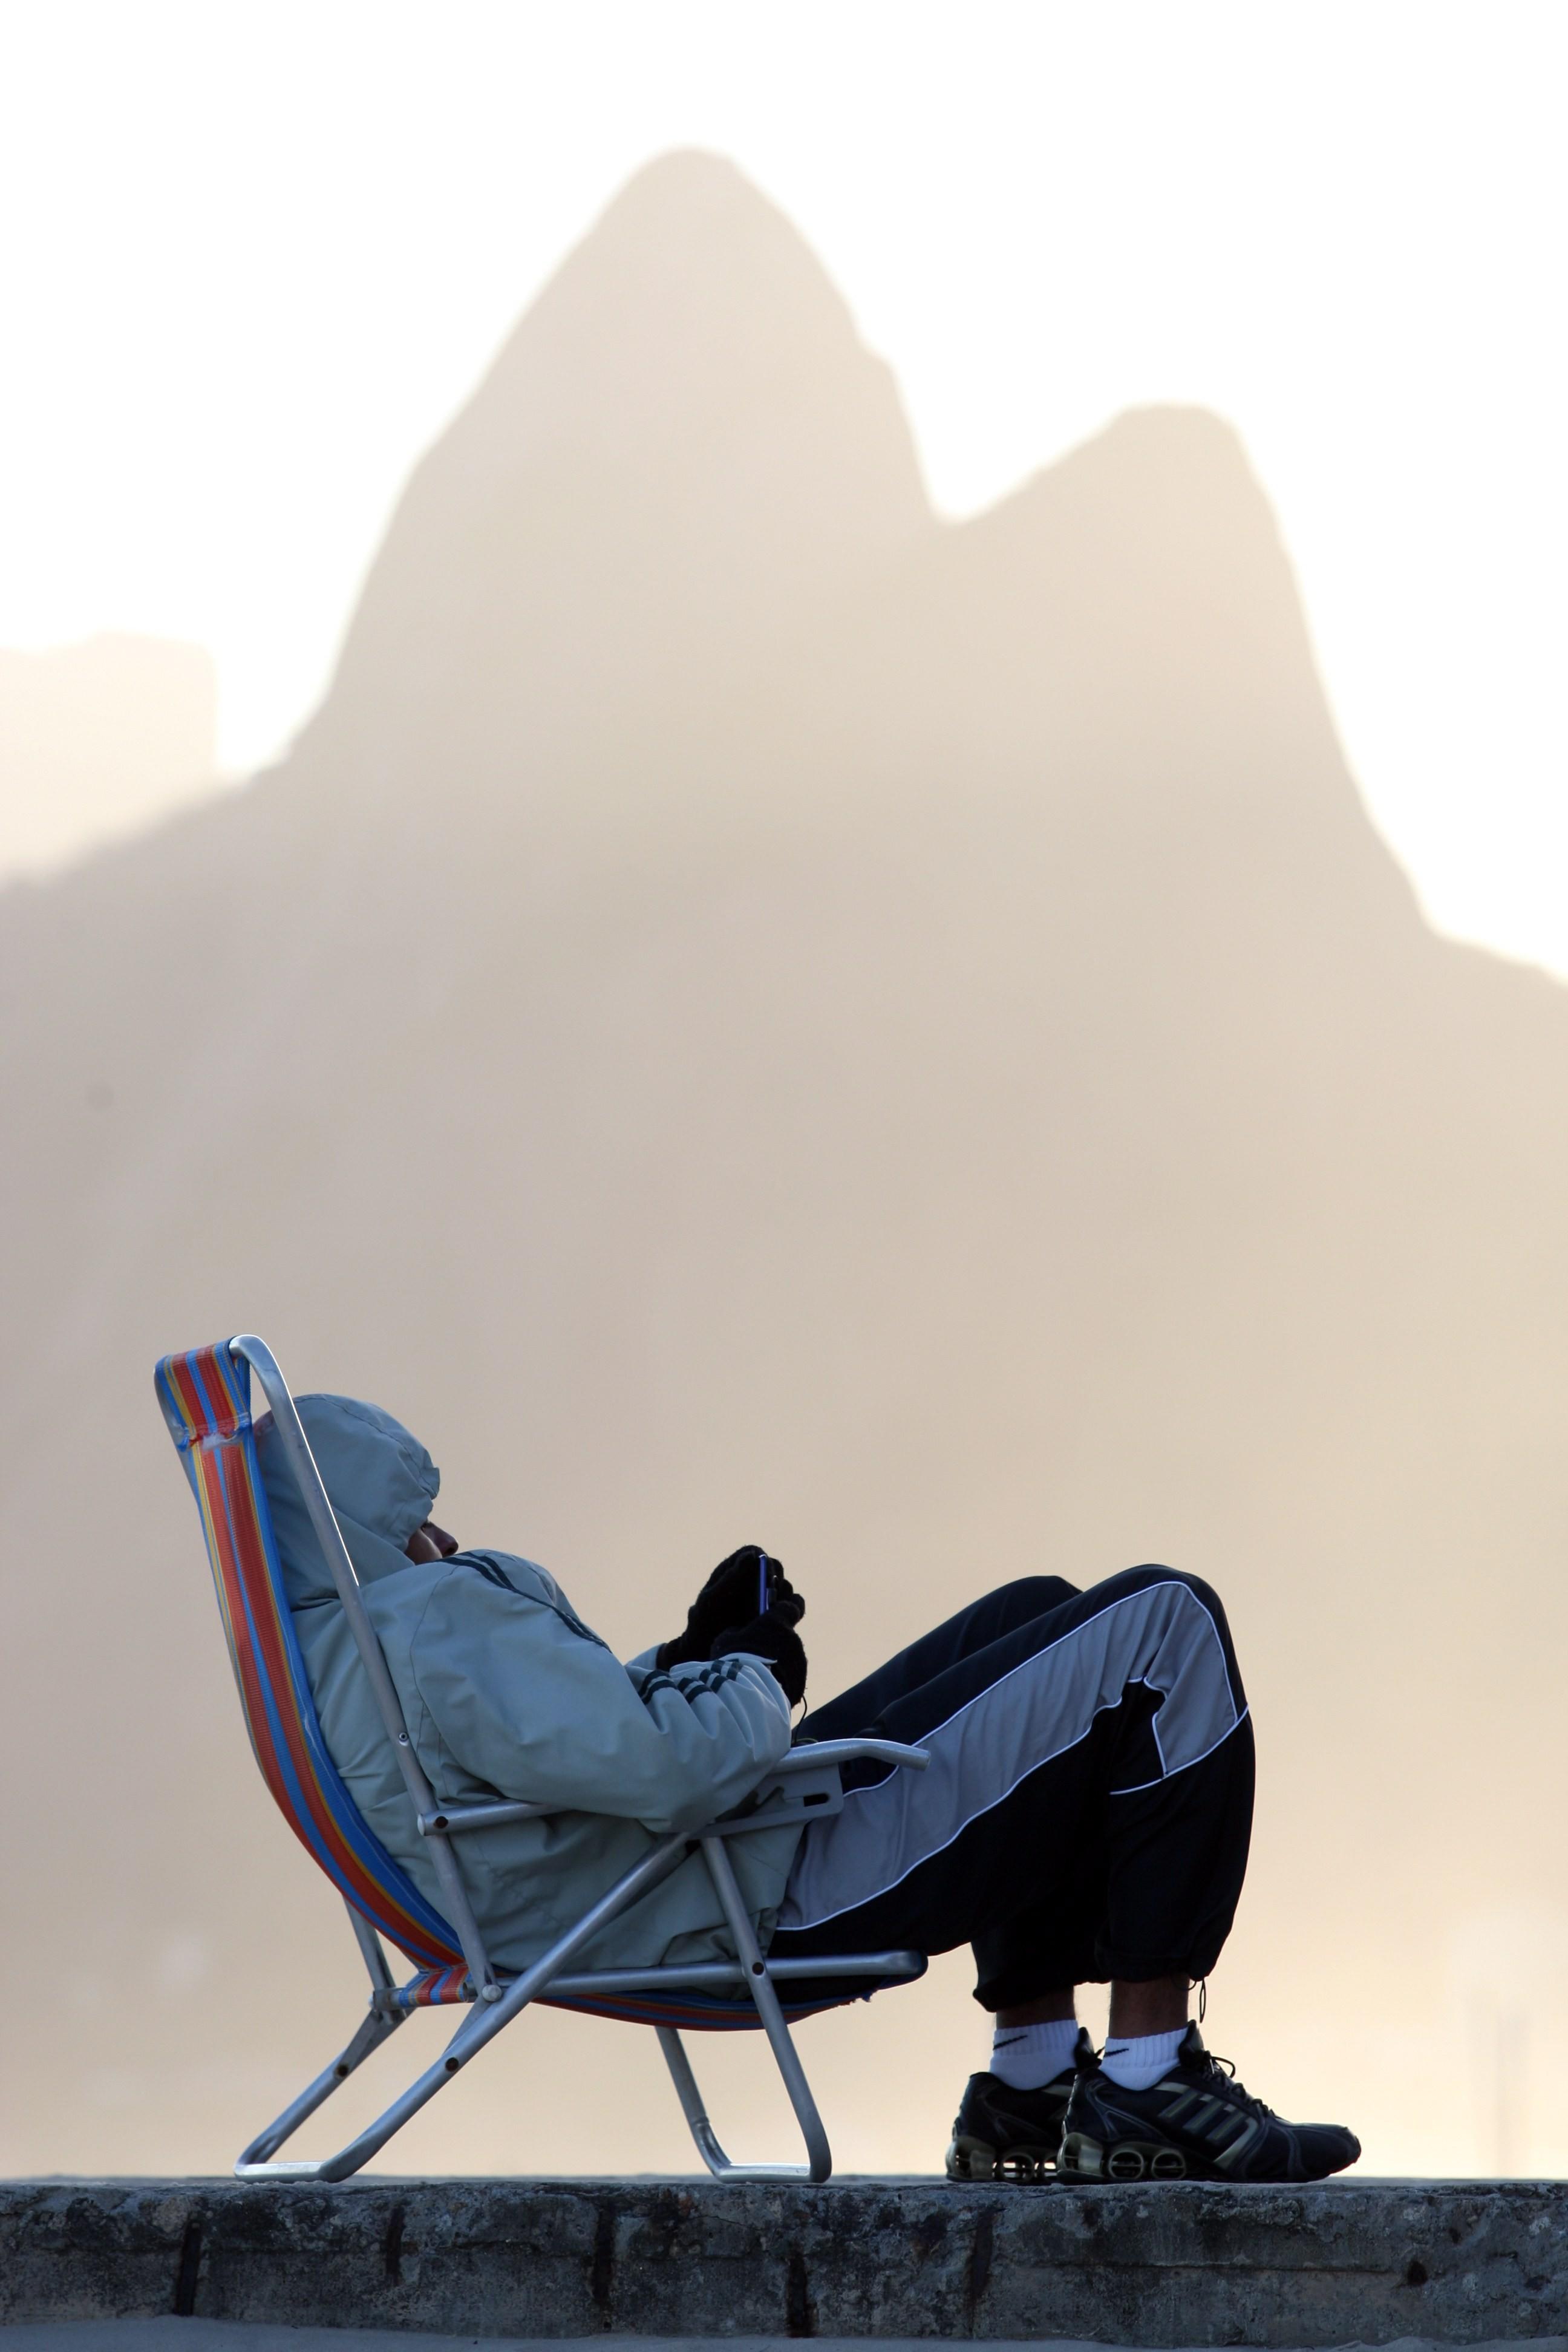 Homem repousa todo encasacado em cadeira de praia, com o Morro Dois Irmãos ao fundo